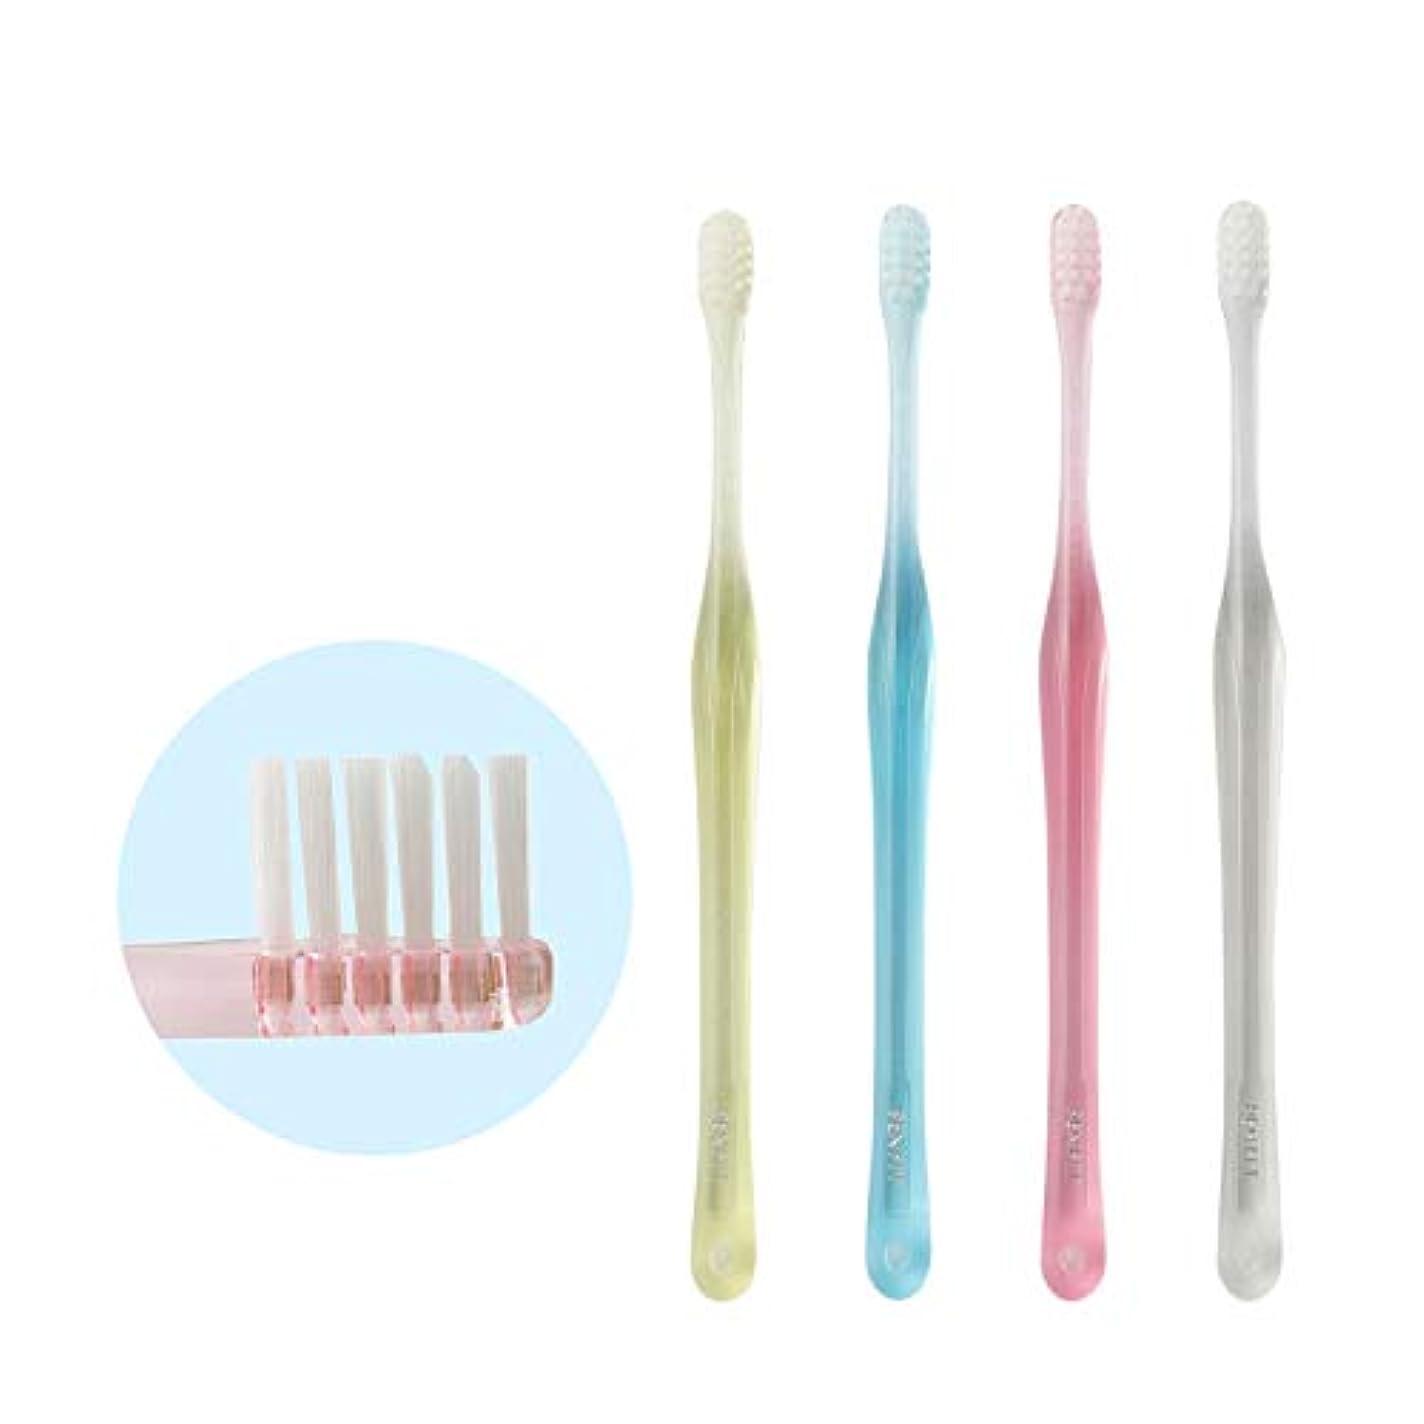 まだらガウンスプーンペンフィット PENFIT 歯ブラシ 4本 アソート